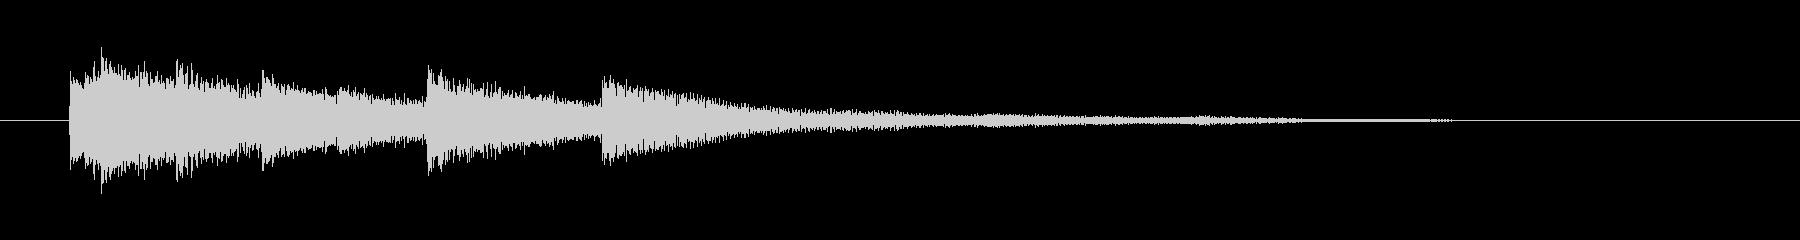 【ジングル】ピアノのシンプルなジングルの未再生の波形